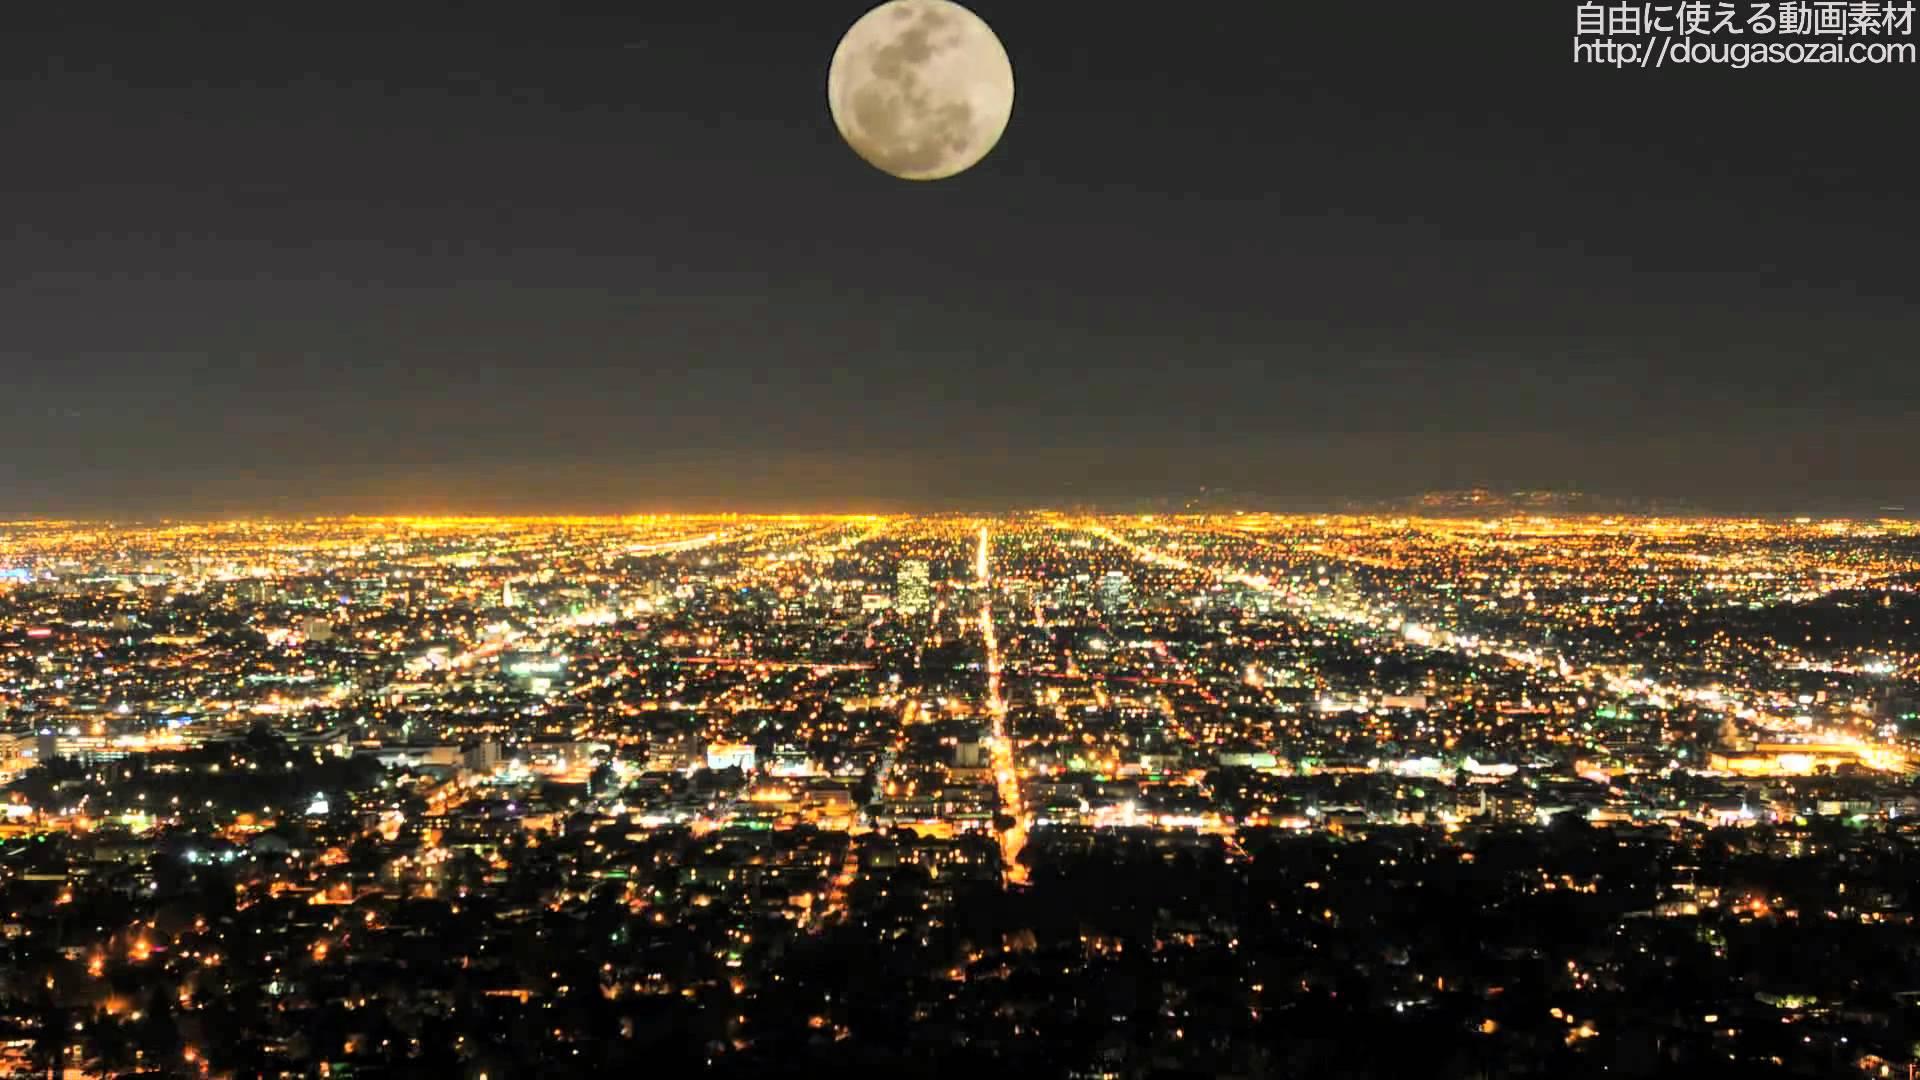 フリー写真 ロサンジェルスの満月